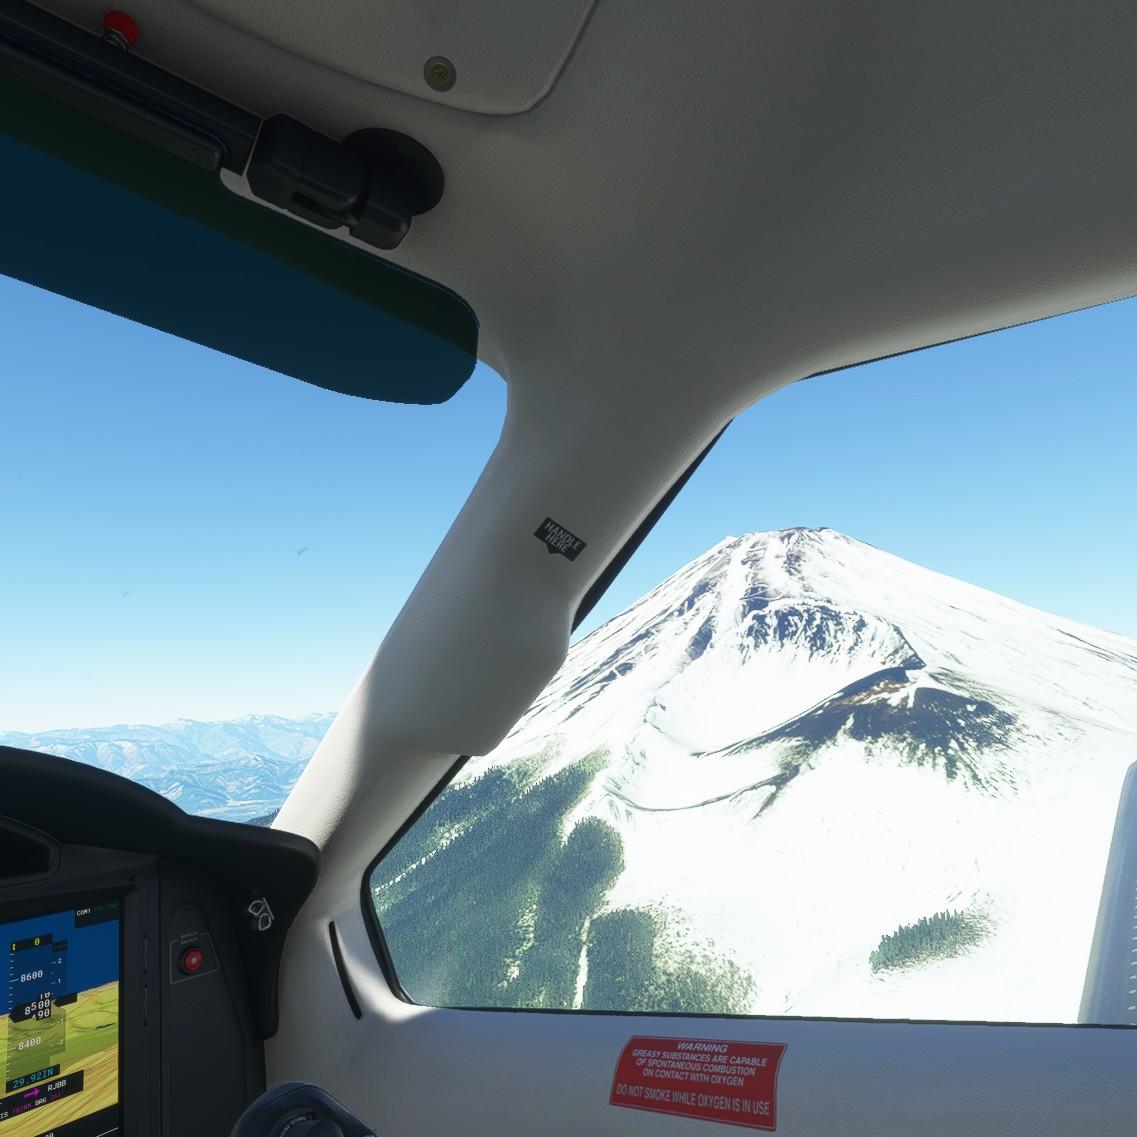 VRでみる富士山や夜景には、通常のディスプレイでは得られない臨場感がある。このVRならではの臨場感を得ながら、世界中を飛び回ることができるのは実に魅力的だ。